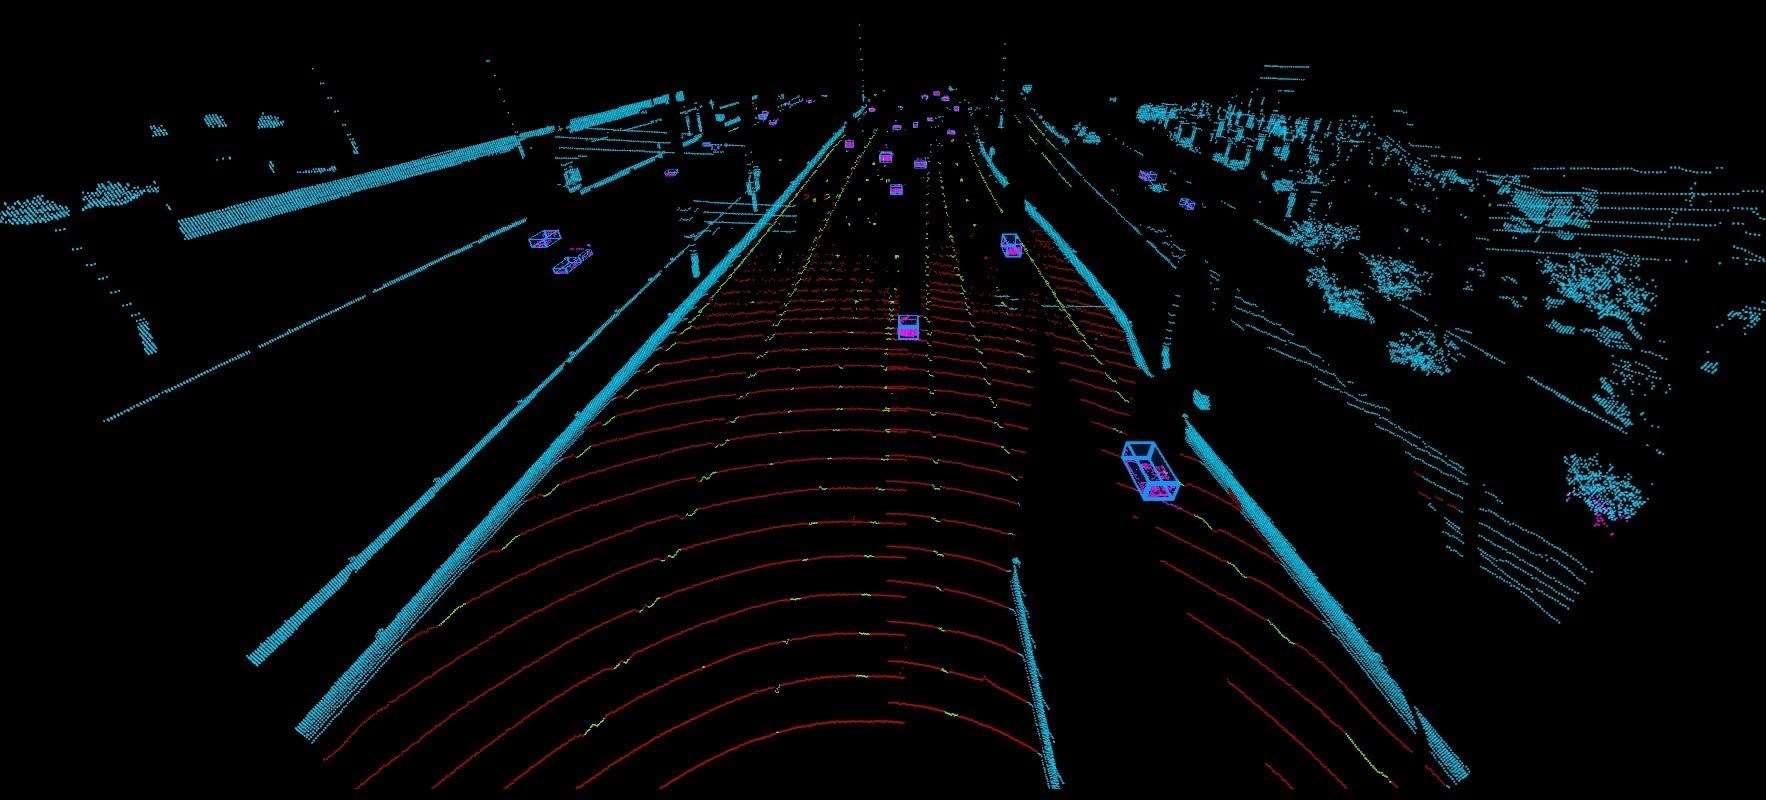 Volgende generatie Volvo's wordt aangedreven door LiDAR-technologie van Luminar